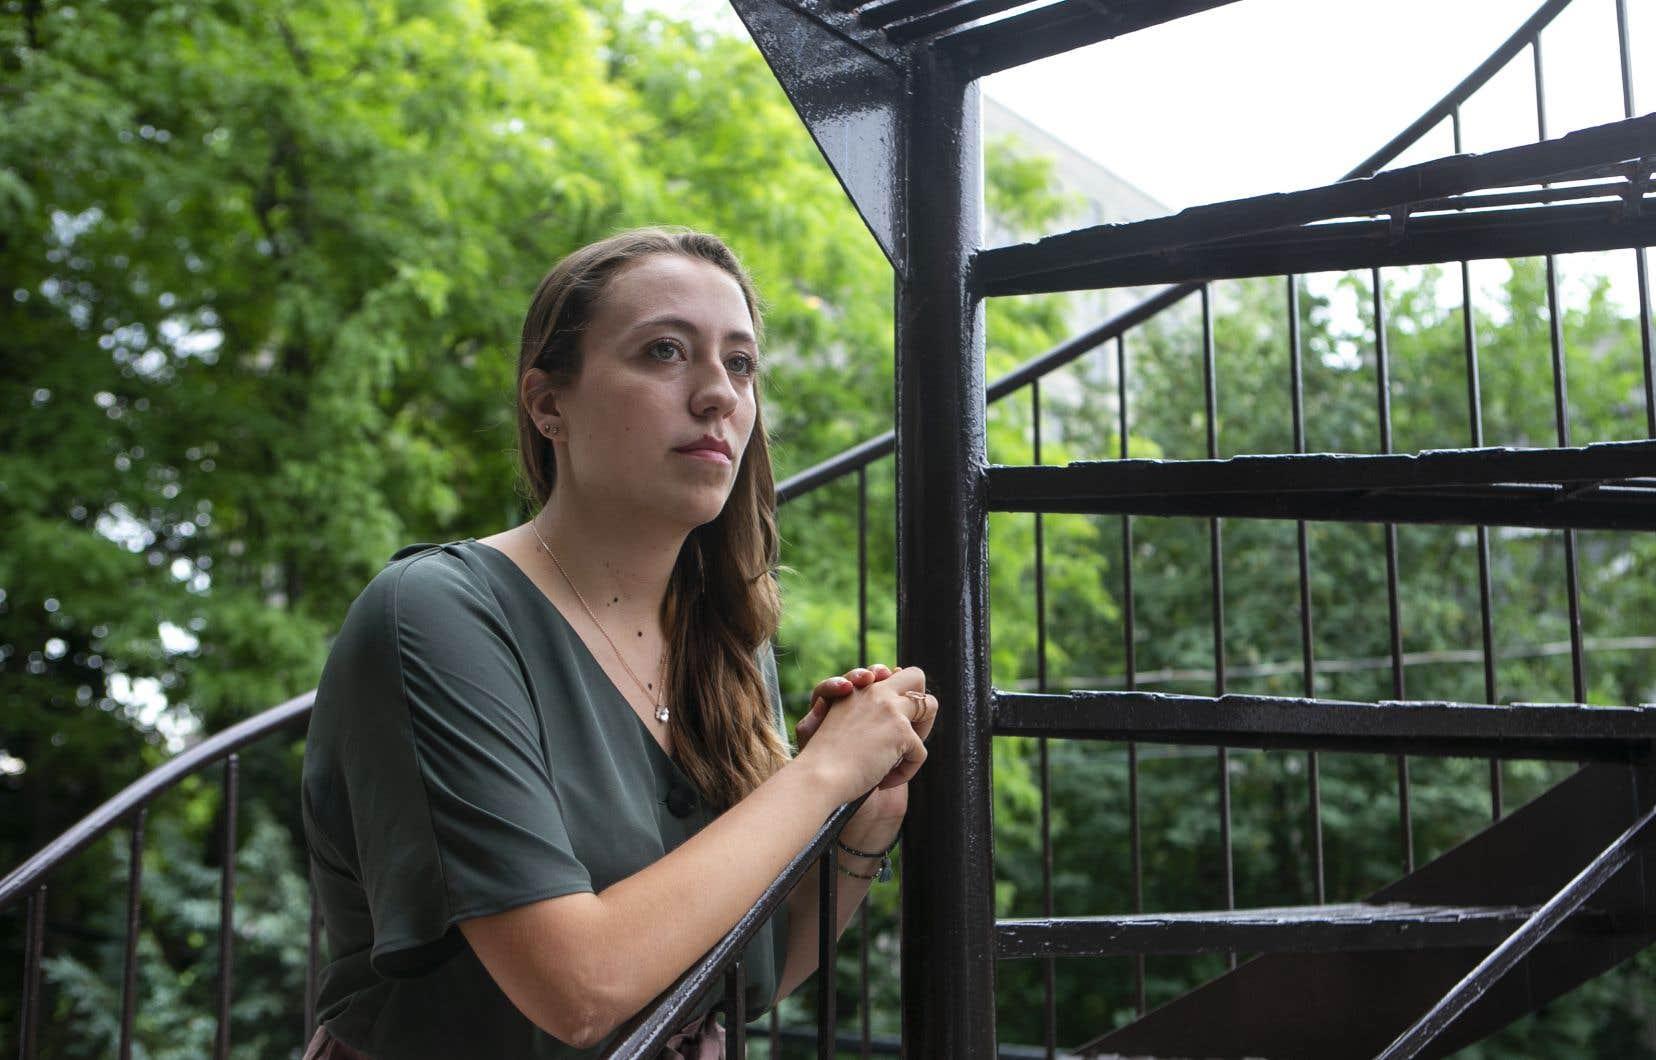 Les demandes de permis de travail et de résidence permanente de Fanny Bachevalier étaient sur pause jusqu'à maintenant, faute de données biométriques.Elle redoutait de tomber en statut implicite à la fin de son permis actuel, en août.